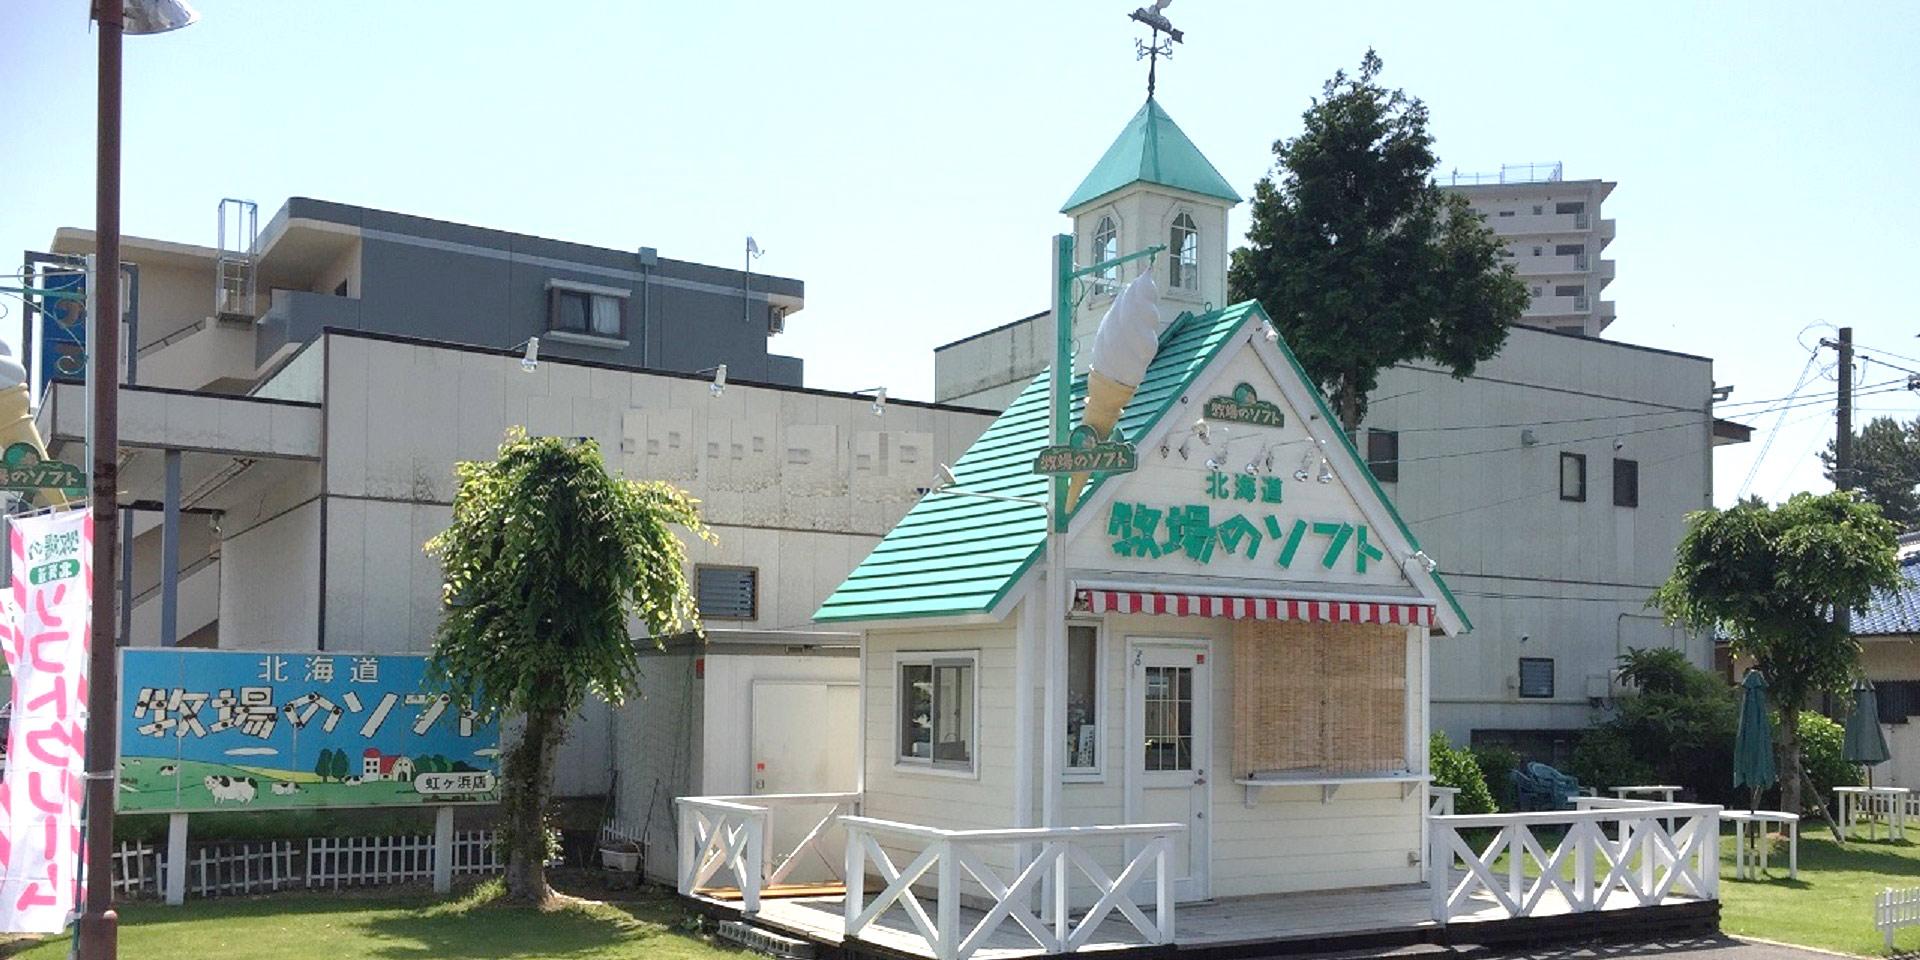 牧場のソフト 虹ケ浜店